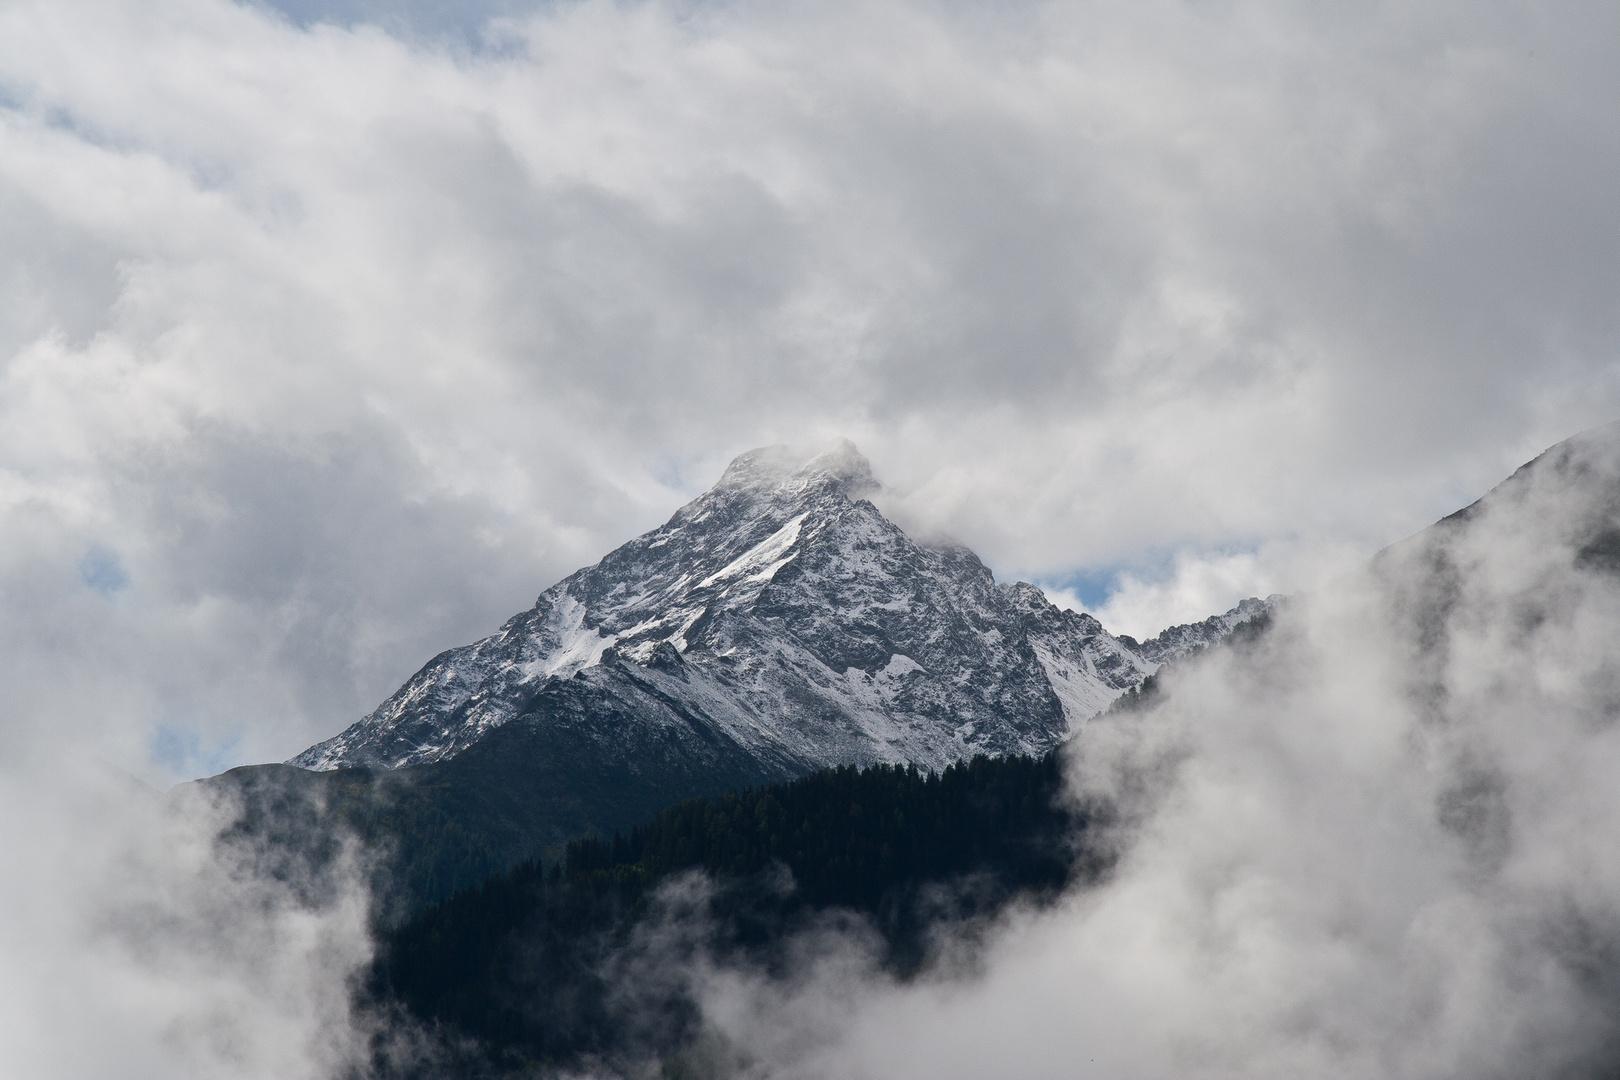 Mächtiger Berg